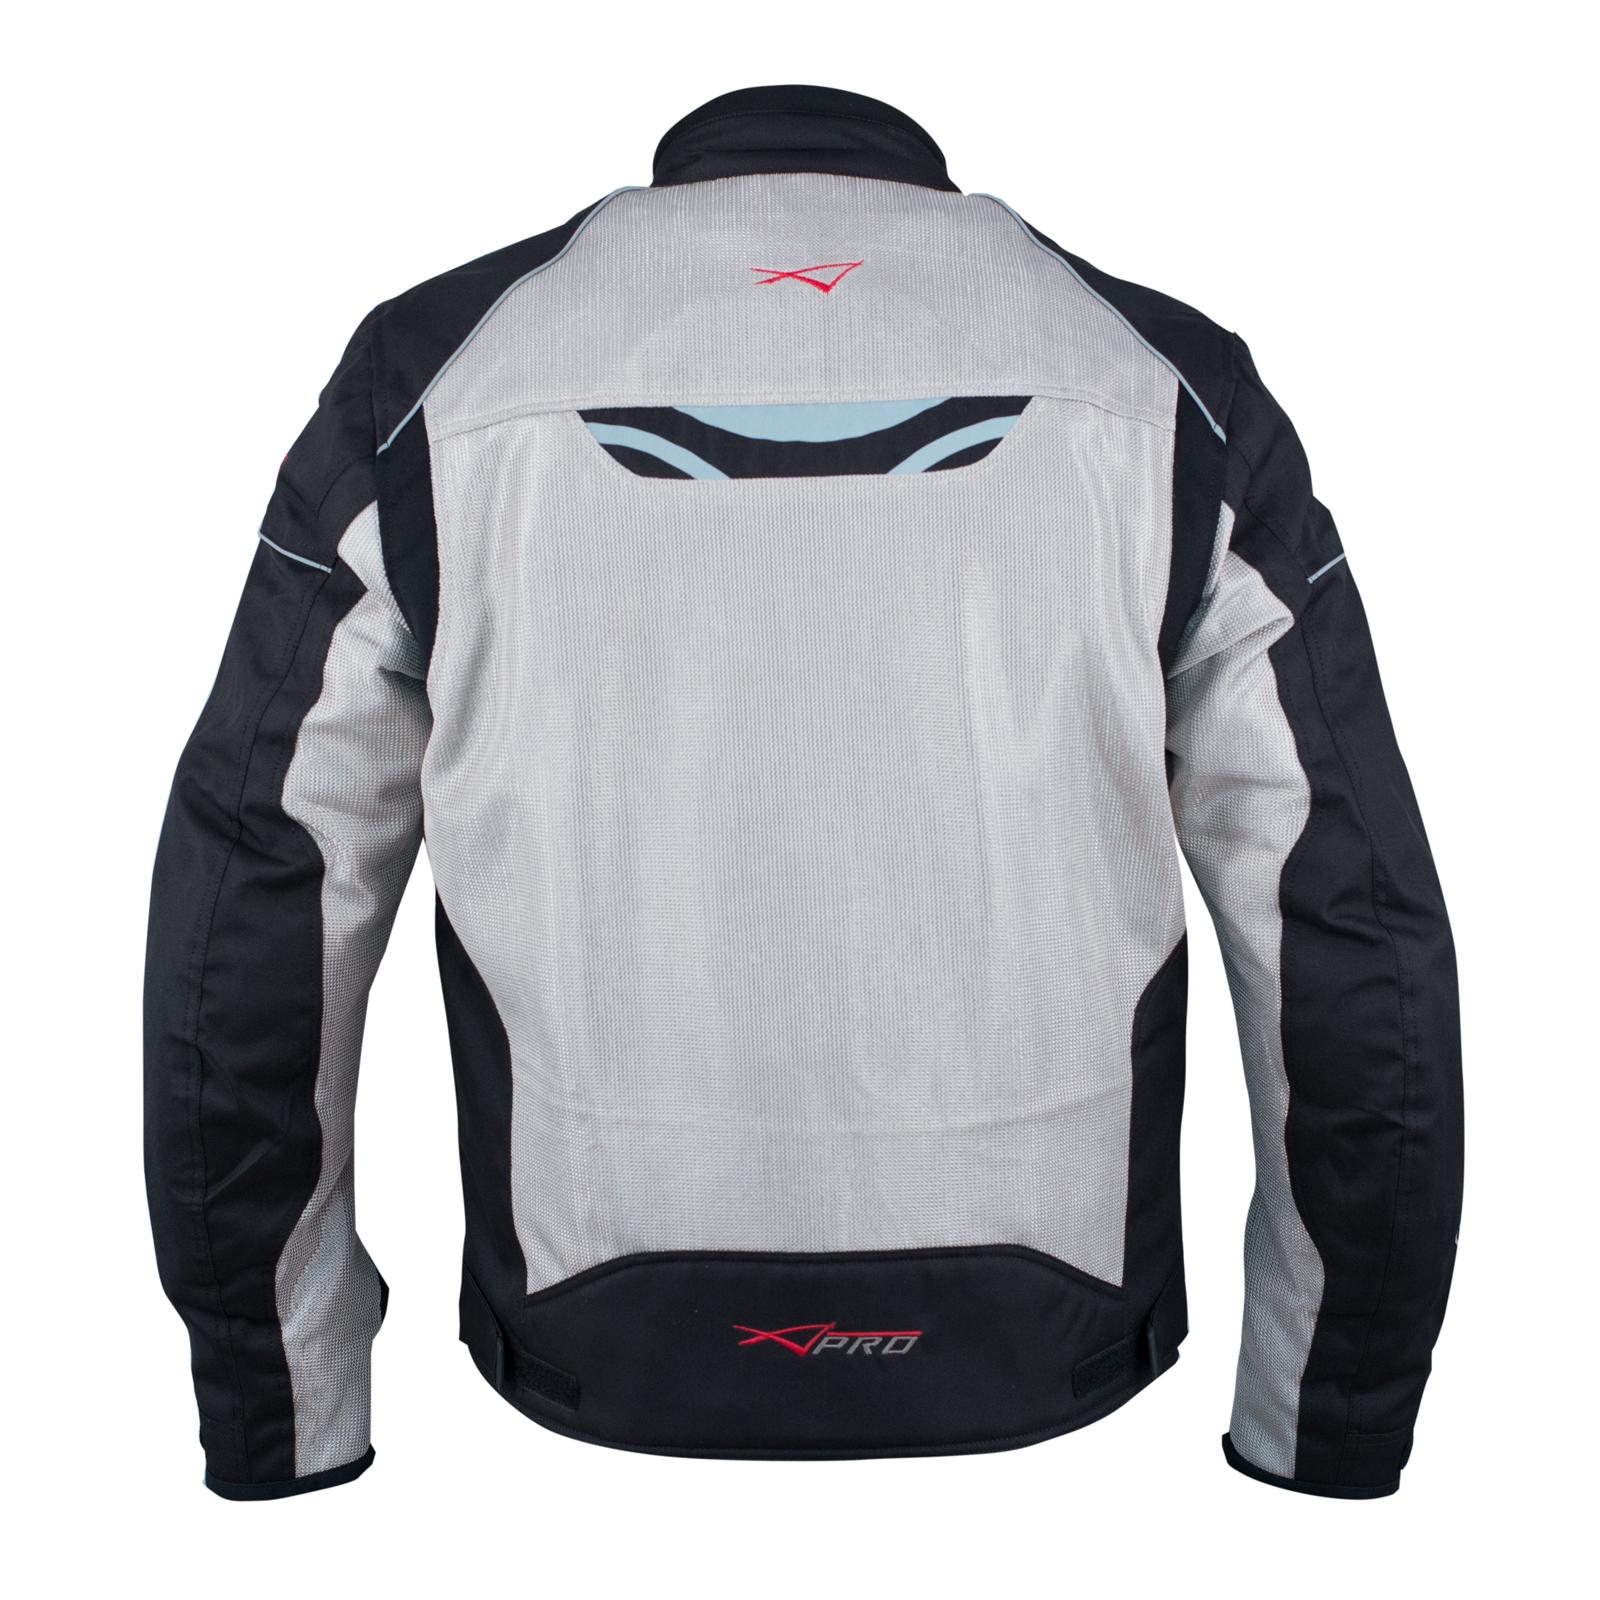 7e5fceb3c62 Chaqueta Moto Sport Transpirable Ventilada Protecciones CE Verano Gris